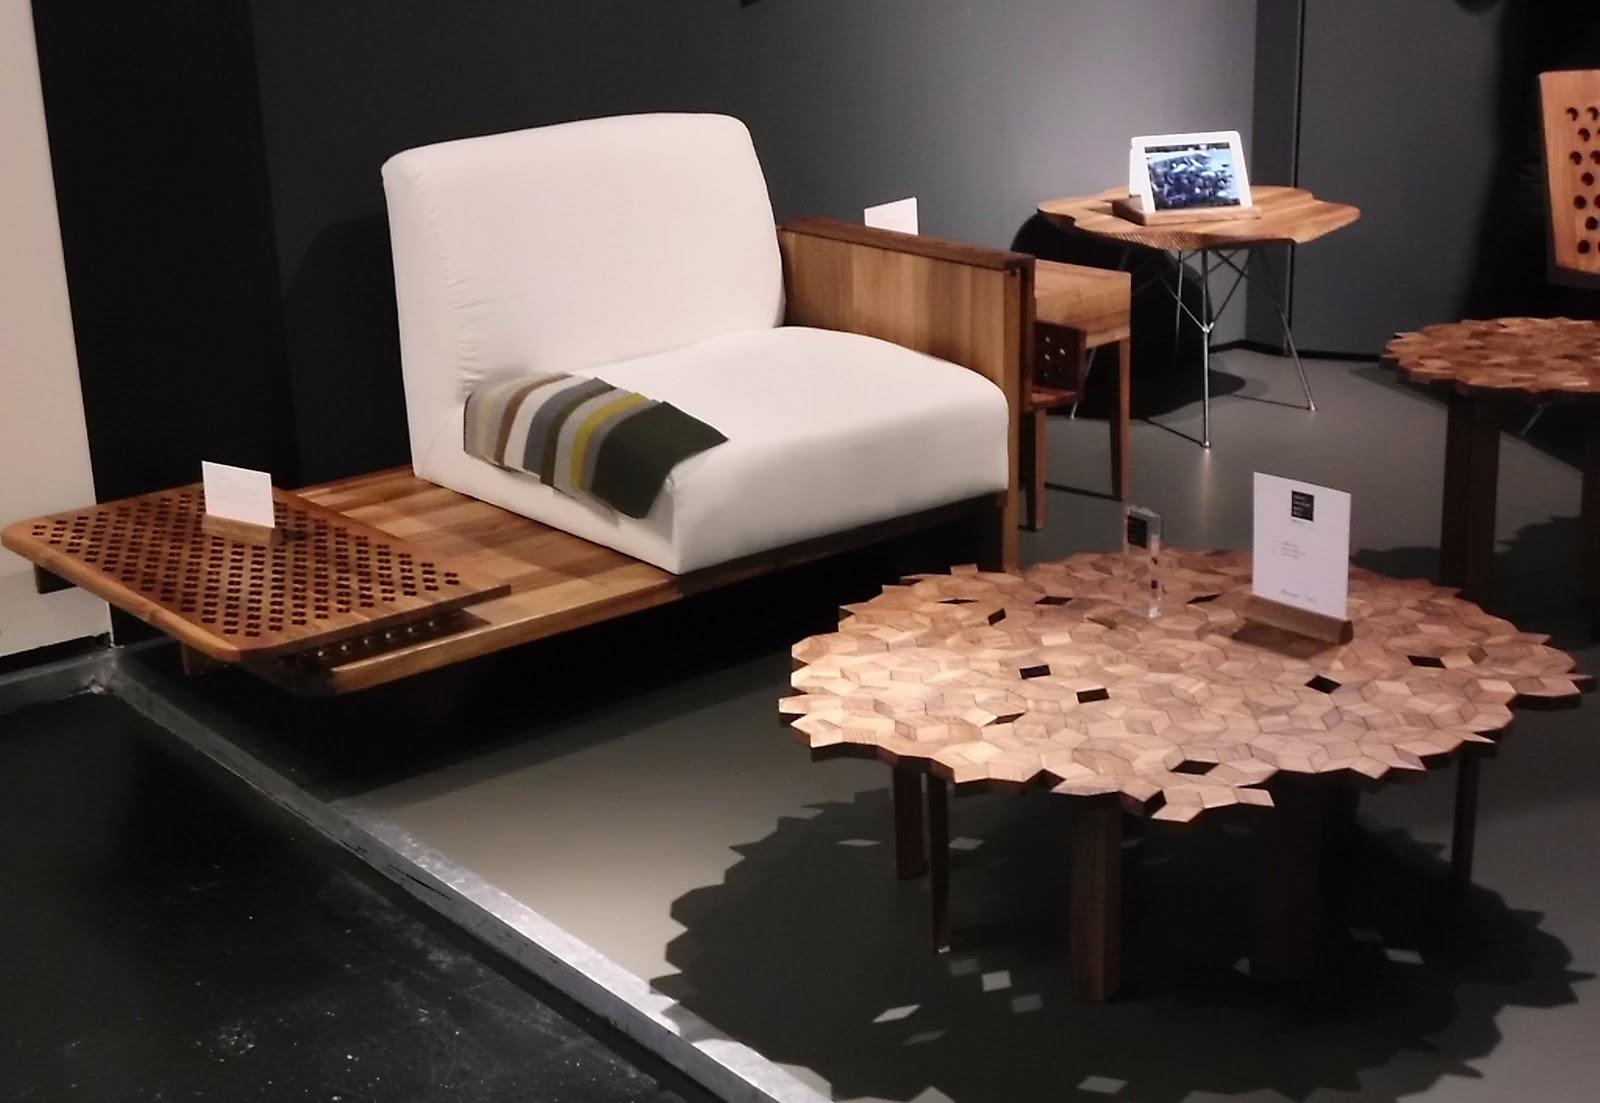 die wohngalerie rukotvorine umwerfend sch ne holzm bel. Black Bedroom Furniture Sets. Home Design Ideas